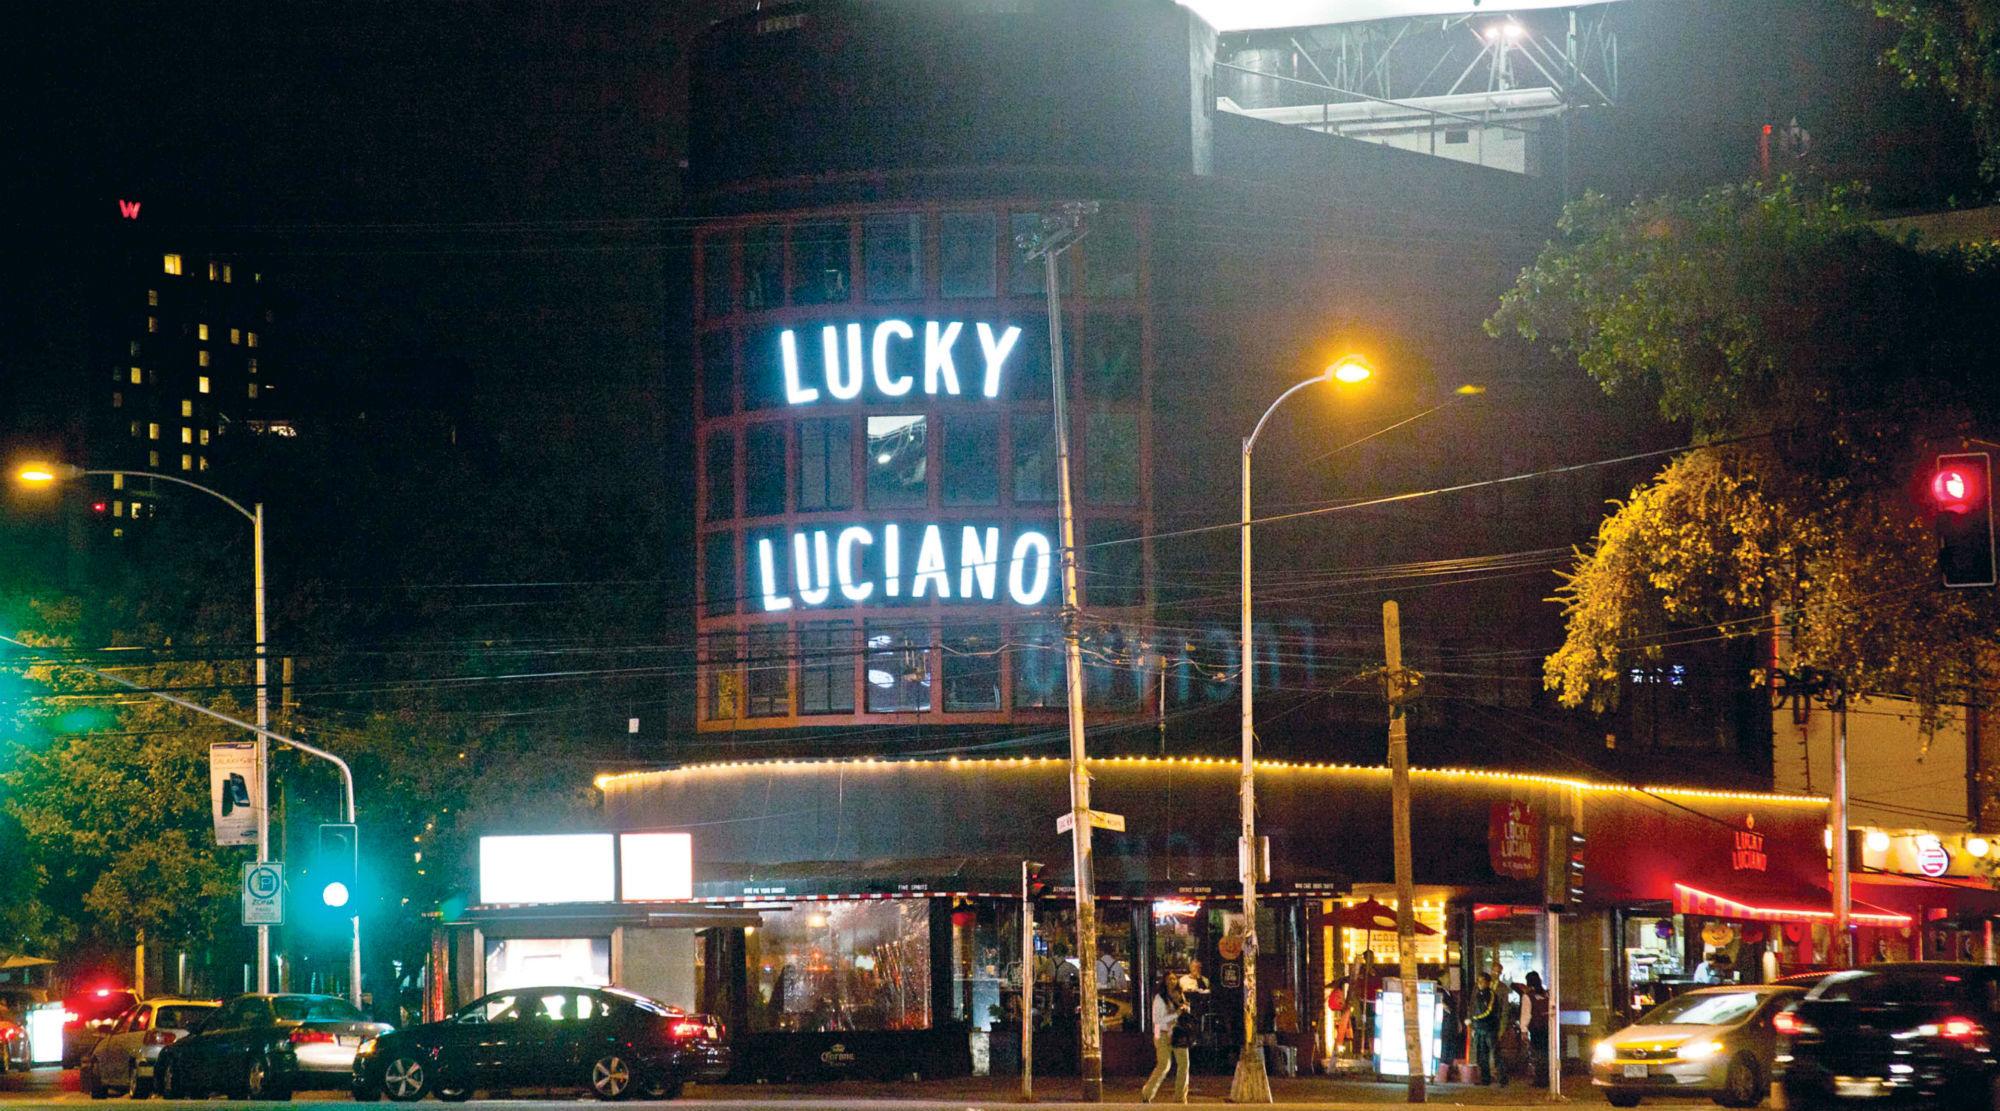 CERRADO: Lucky Luciano